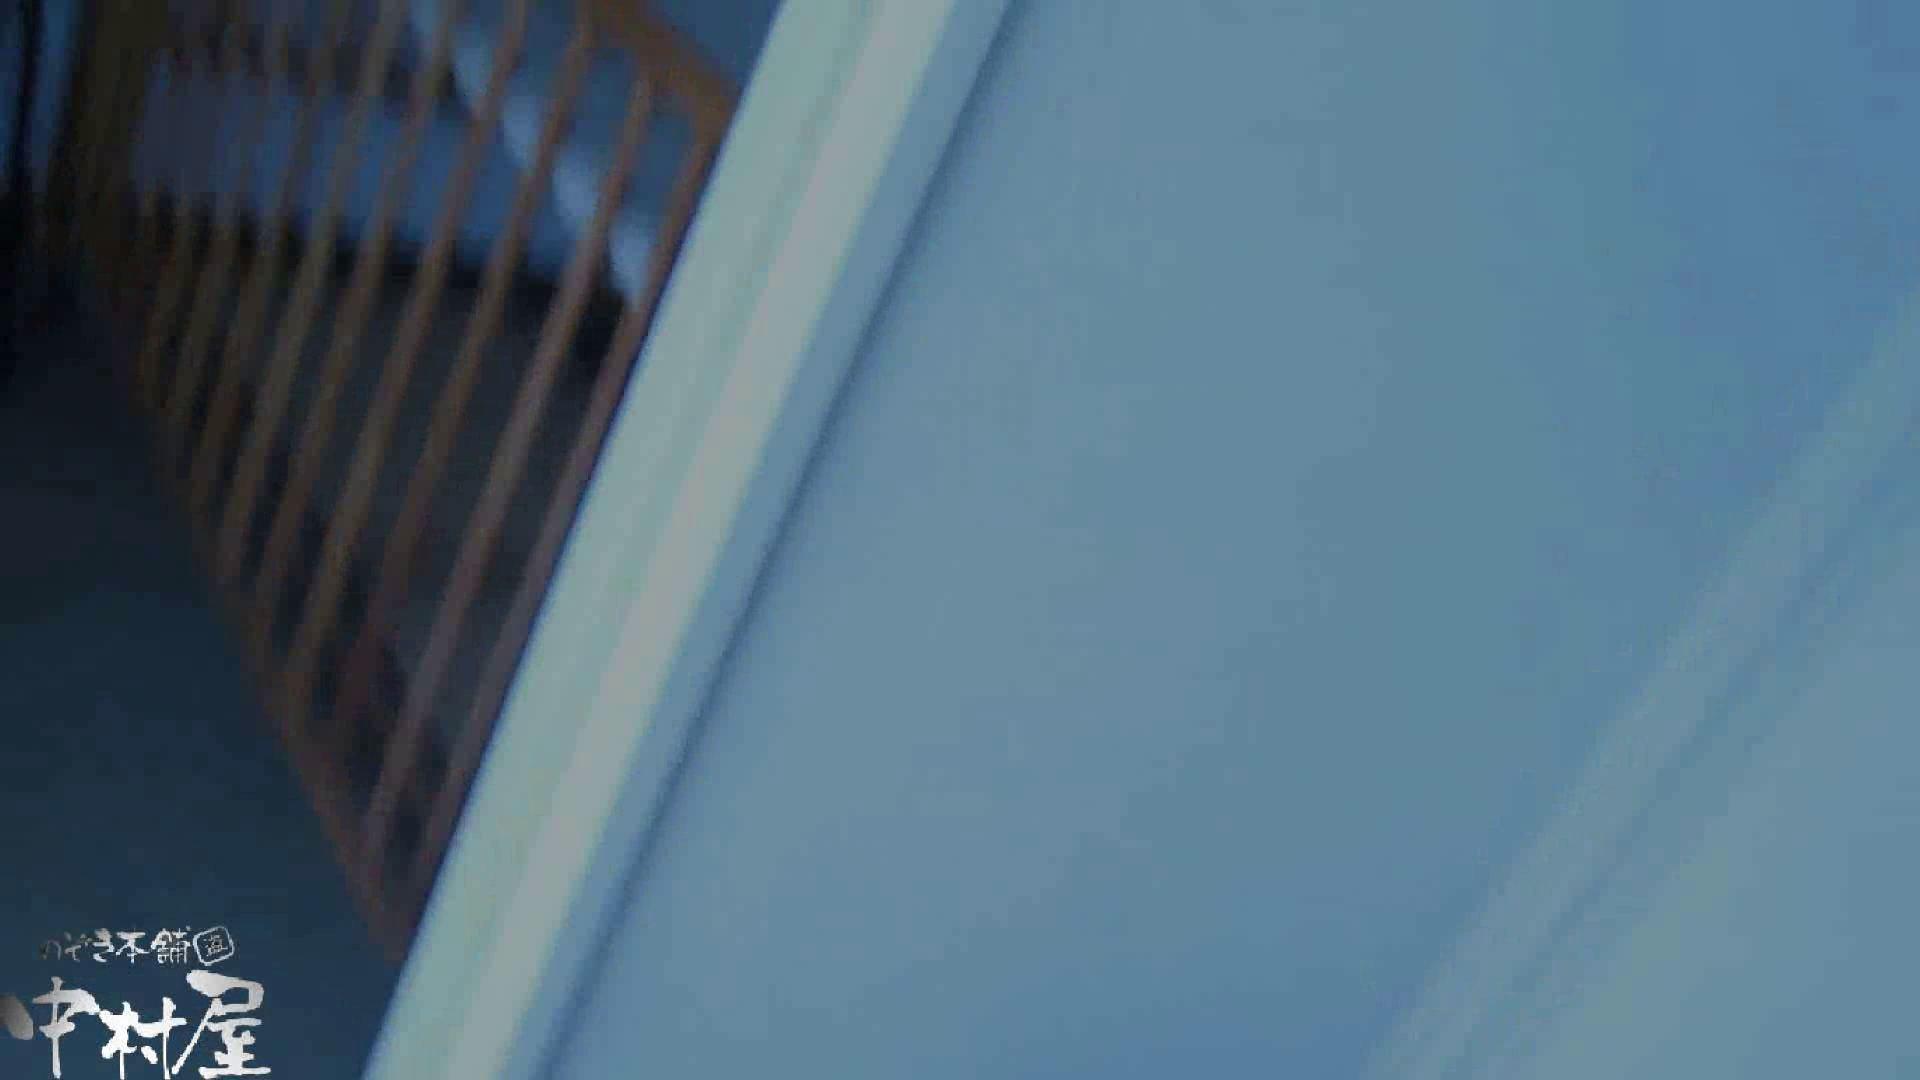 魂のかわや盗撮62連発! 脱肛お姉さん! 11発目! 黄金水   お姉さんのエロ動画  86PIX 25